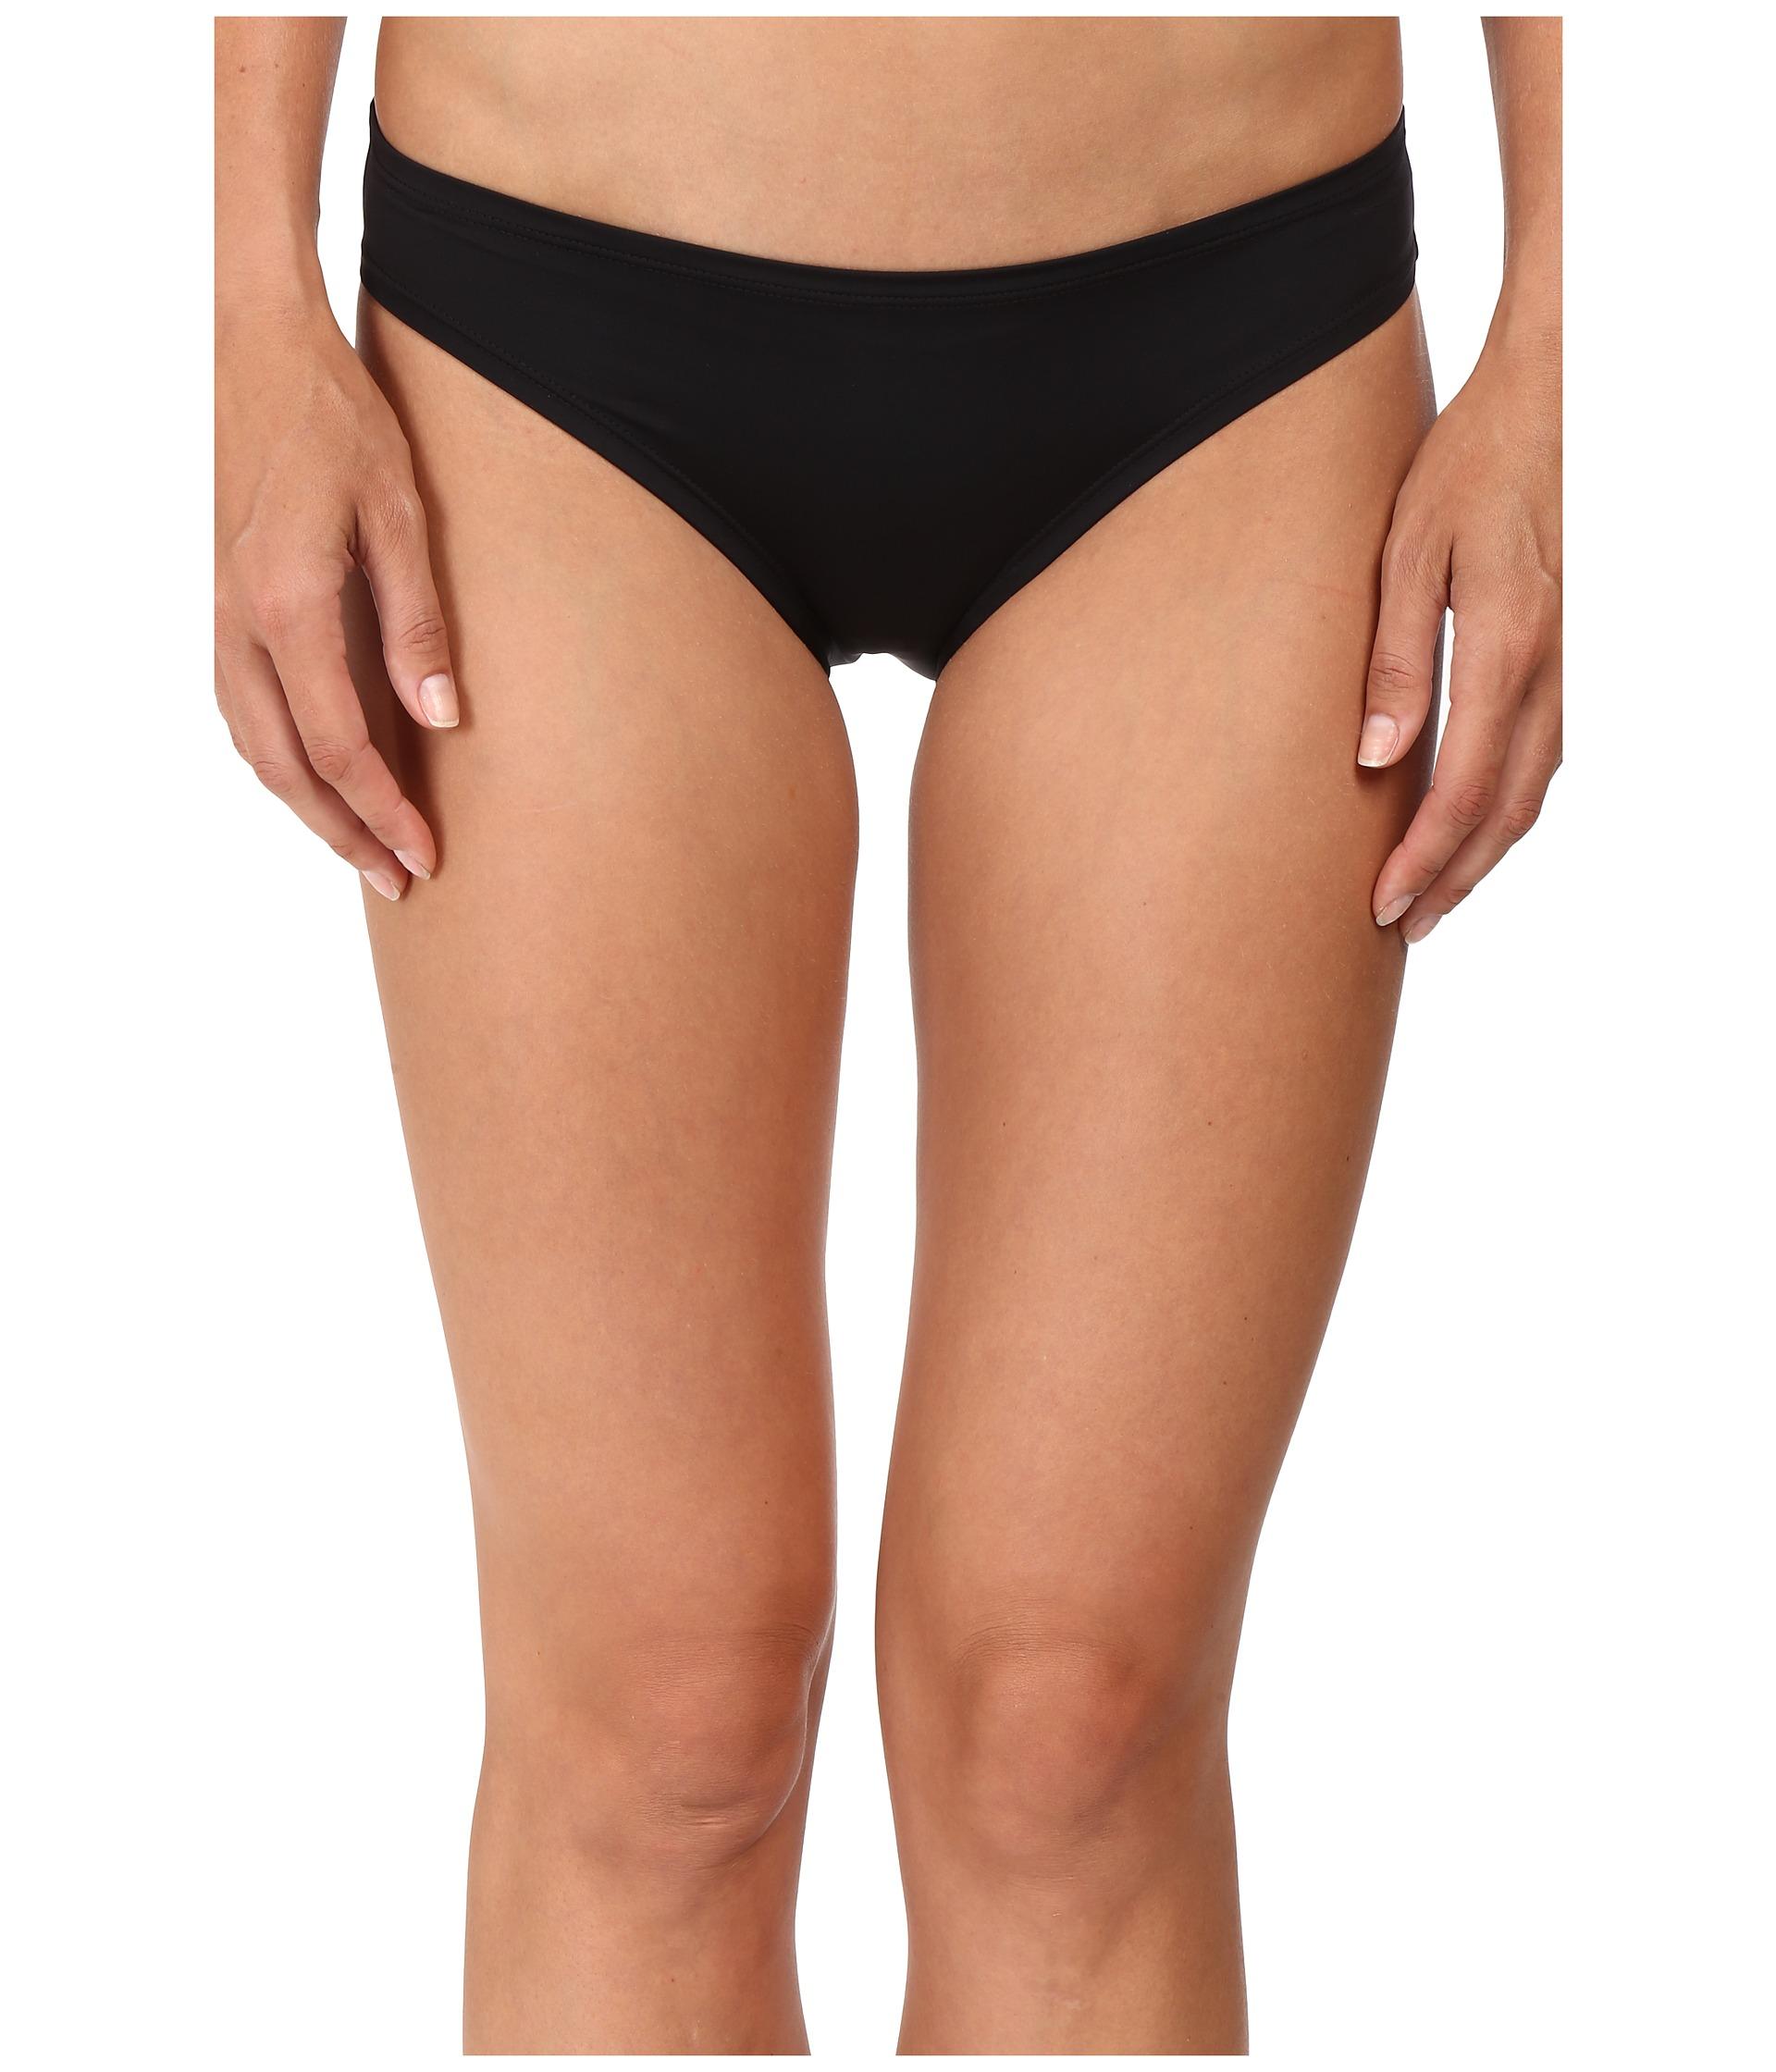 cosabella evolution lowrider bikini at zappos